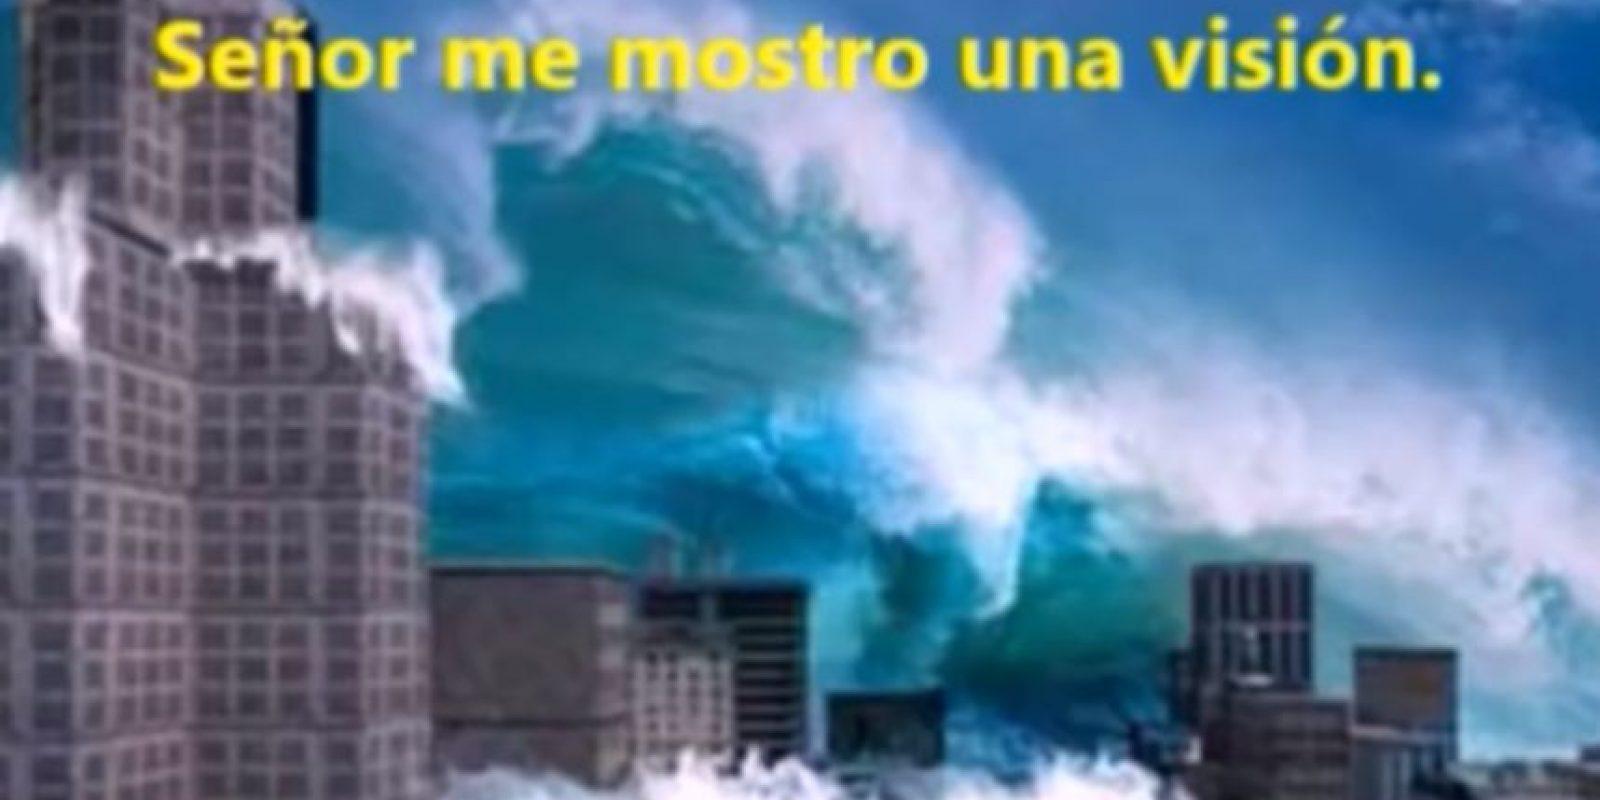 Otros pastores auguraron tsunamis sobre la Costa Este de Estados Unidos. Foto:vía Youtube